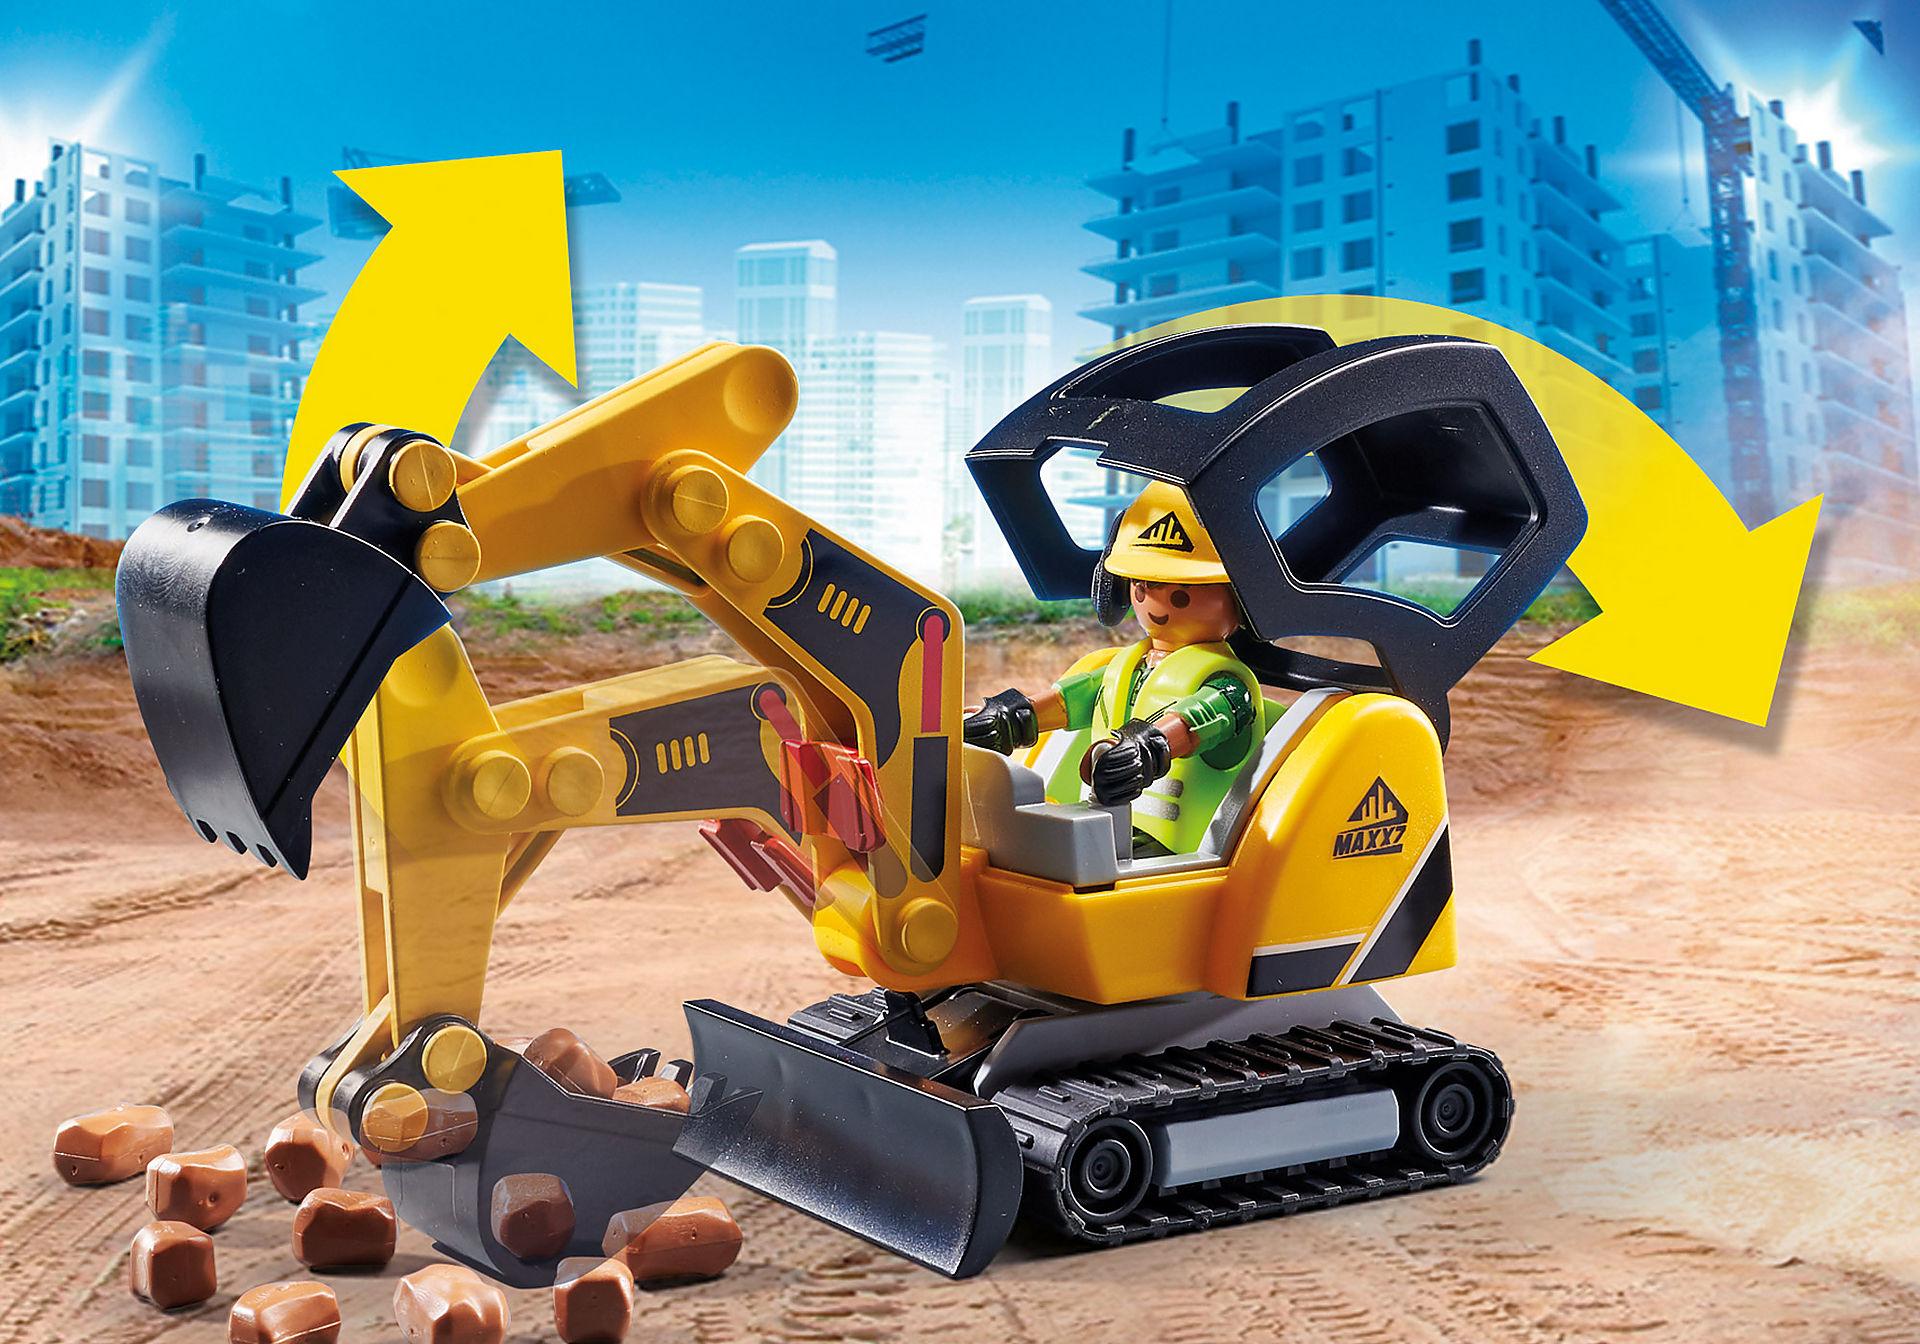 70443 Mini escavatore con cantiere zoom image5